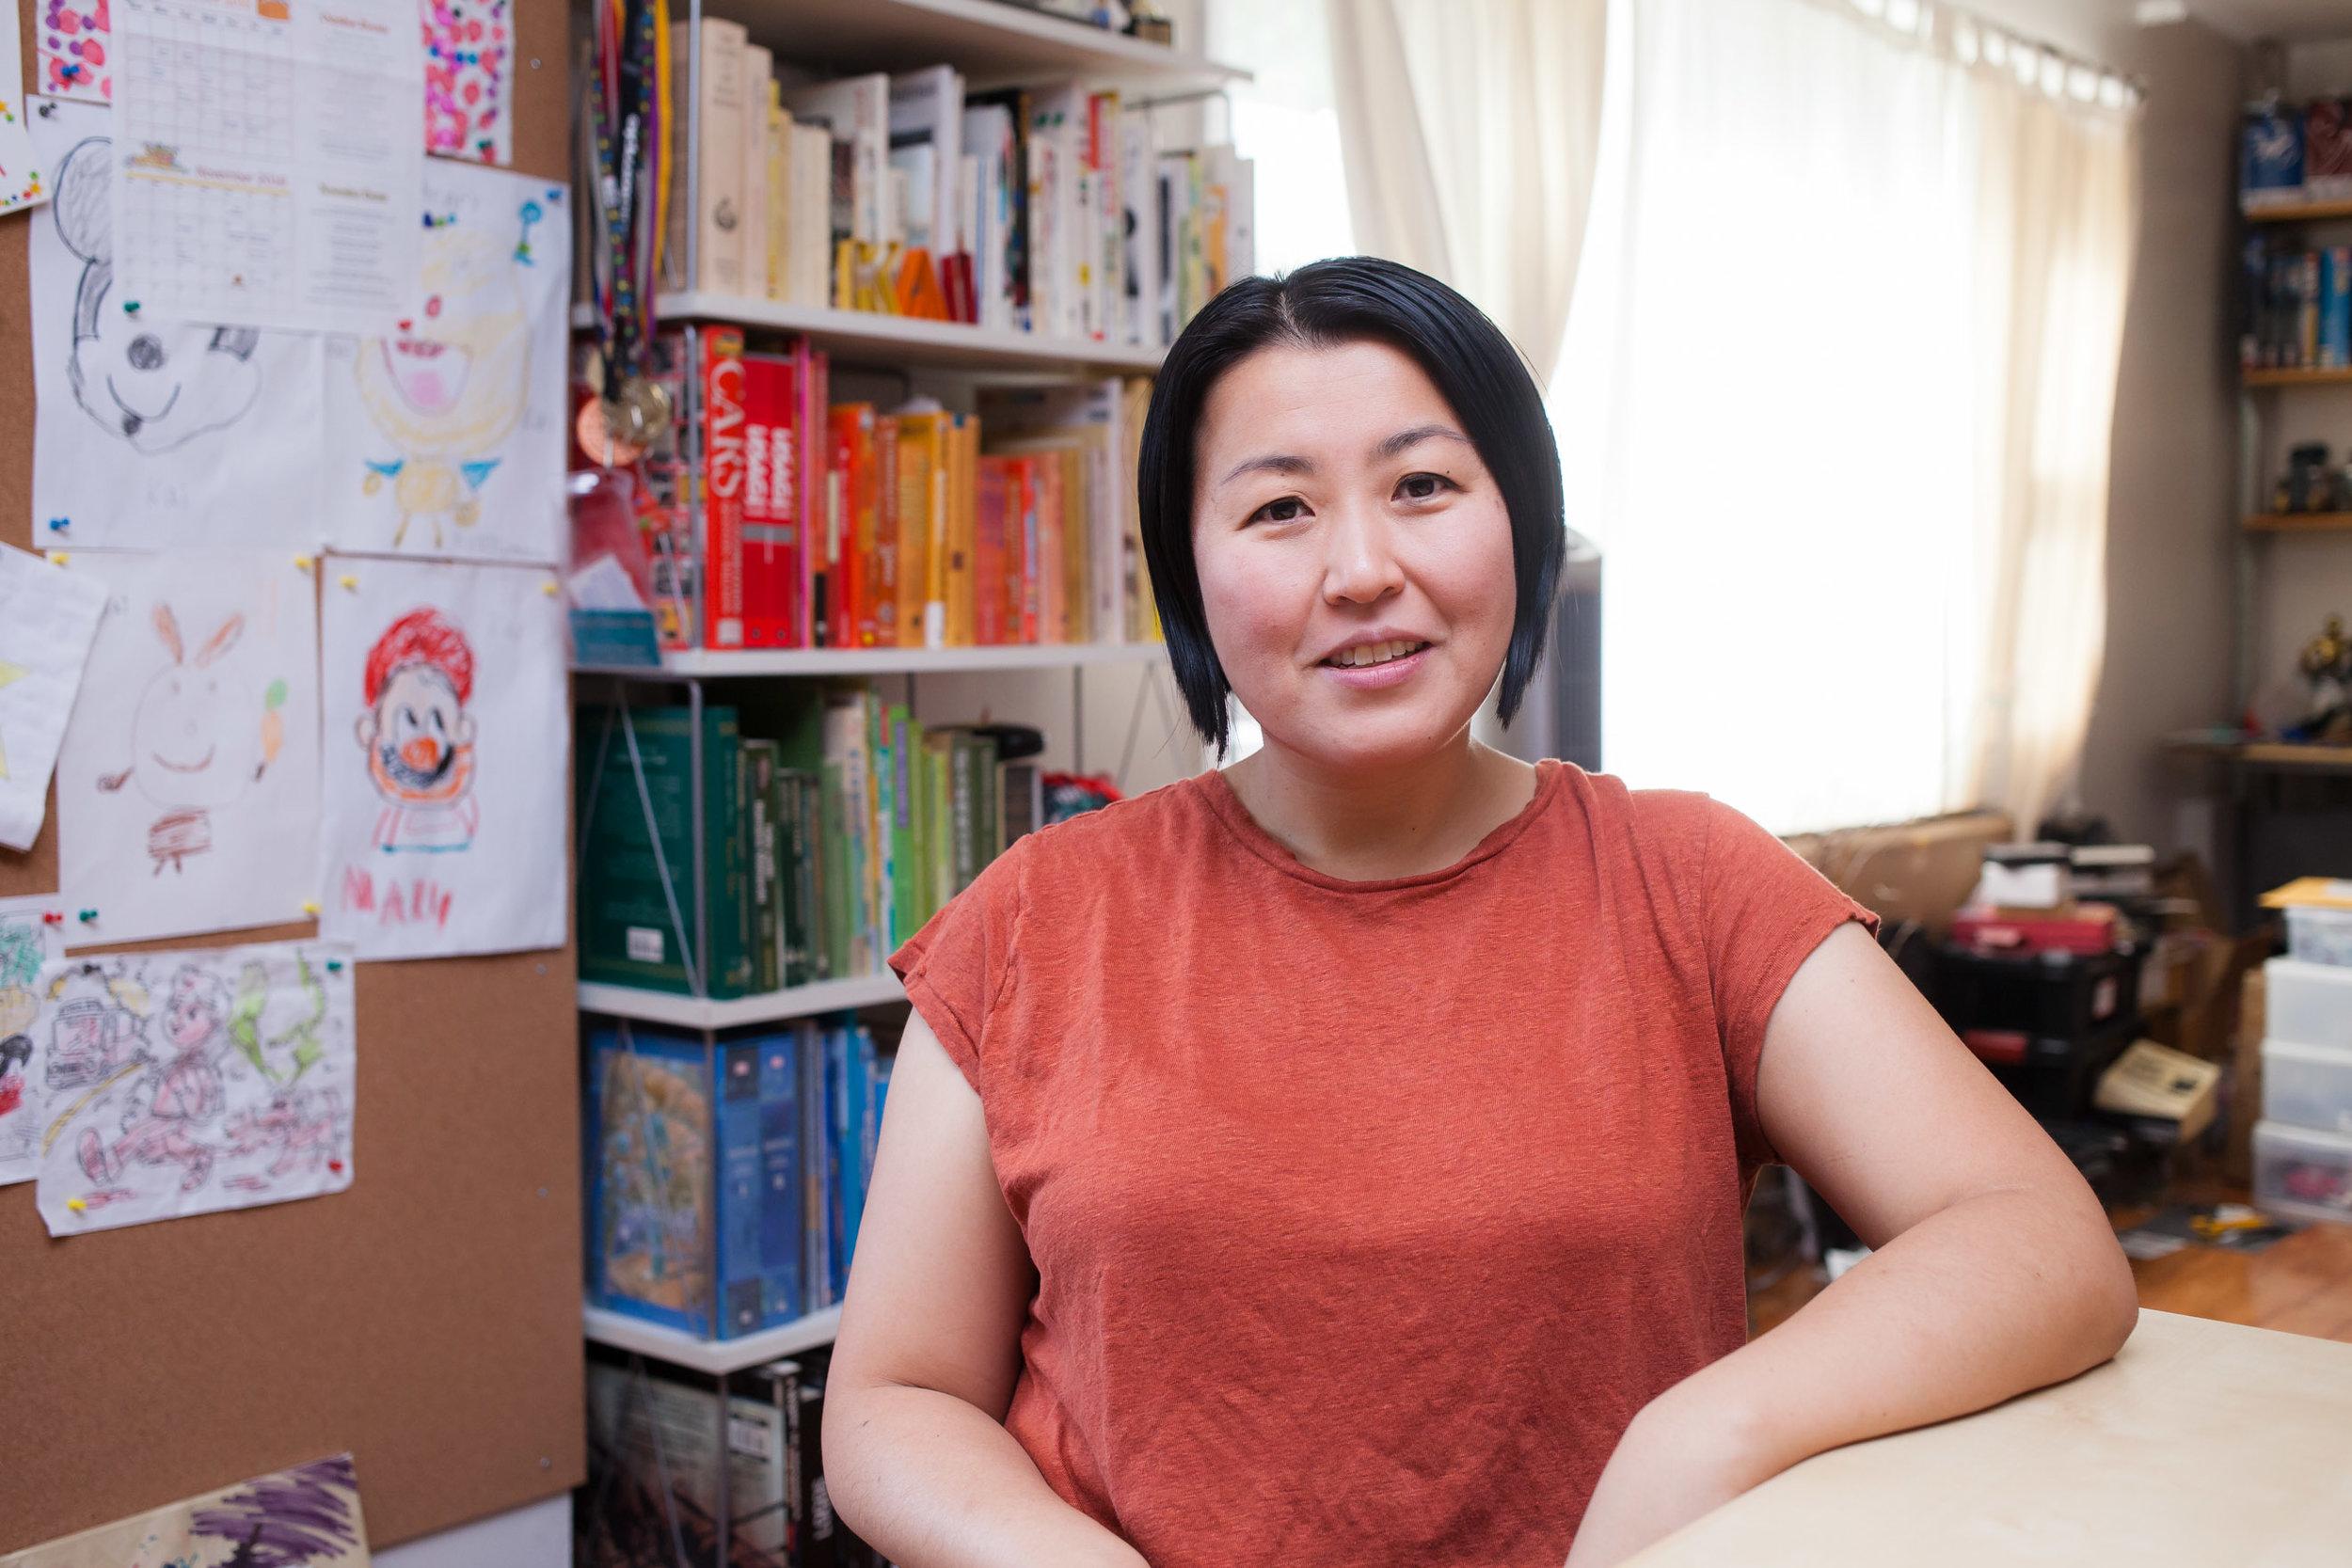 NY_Campaign_NY_Palmer_Kazumi_Terada_Portraits_20160916_0015_RET.JPG